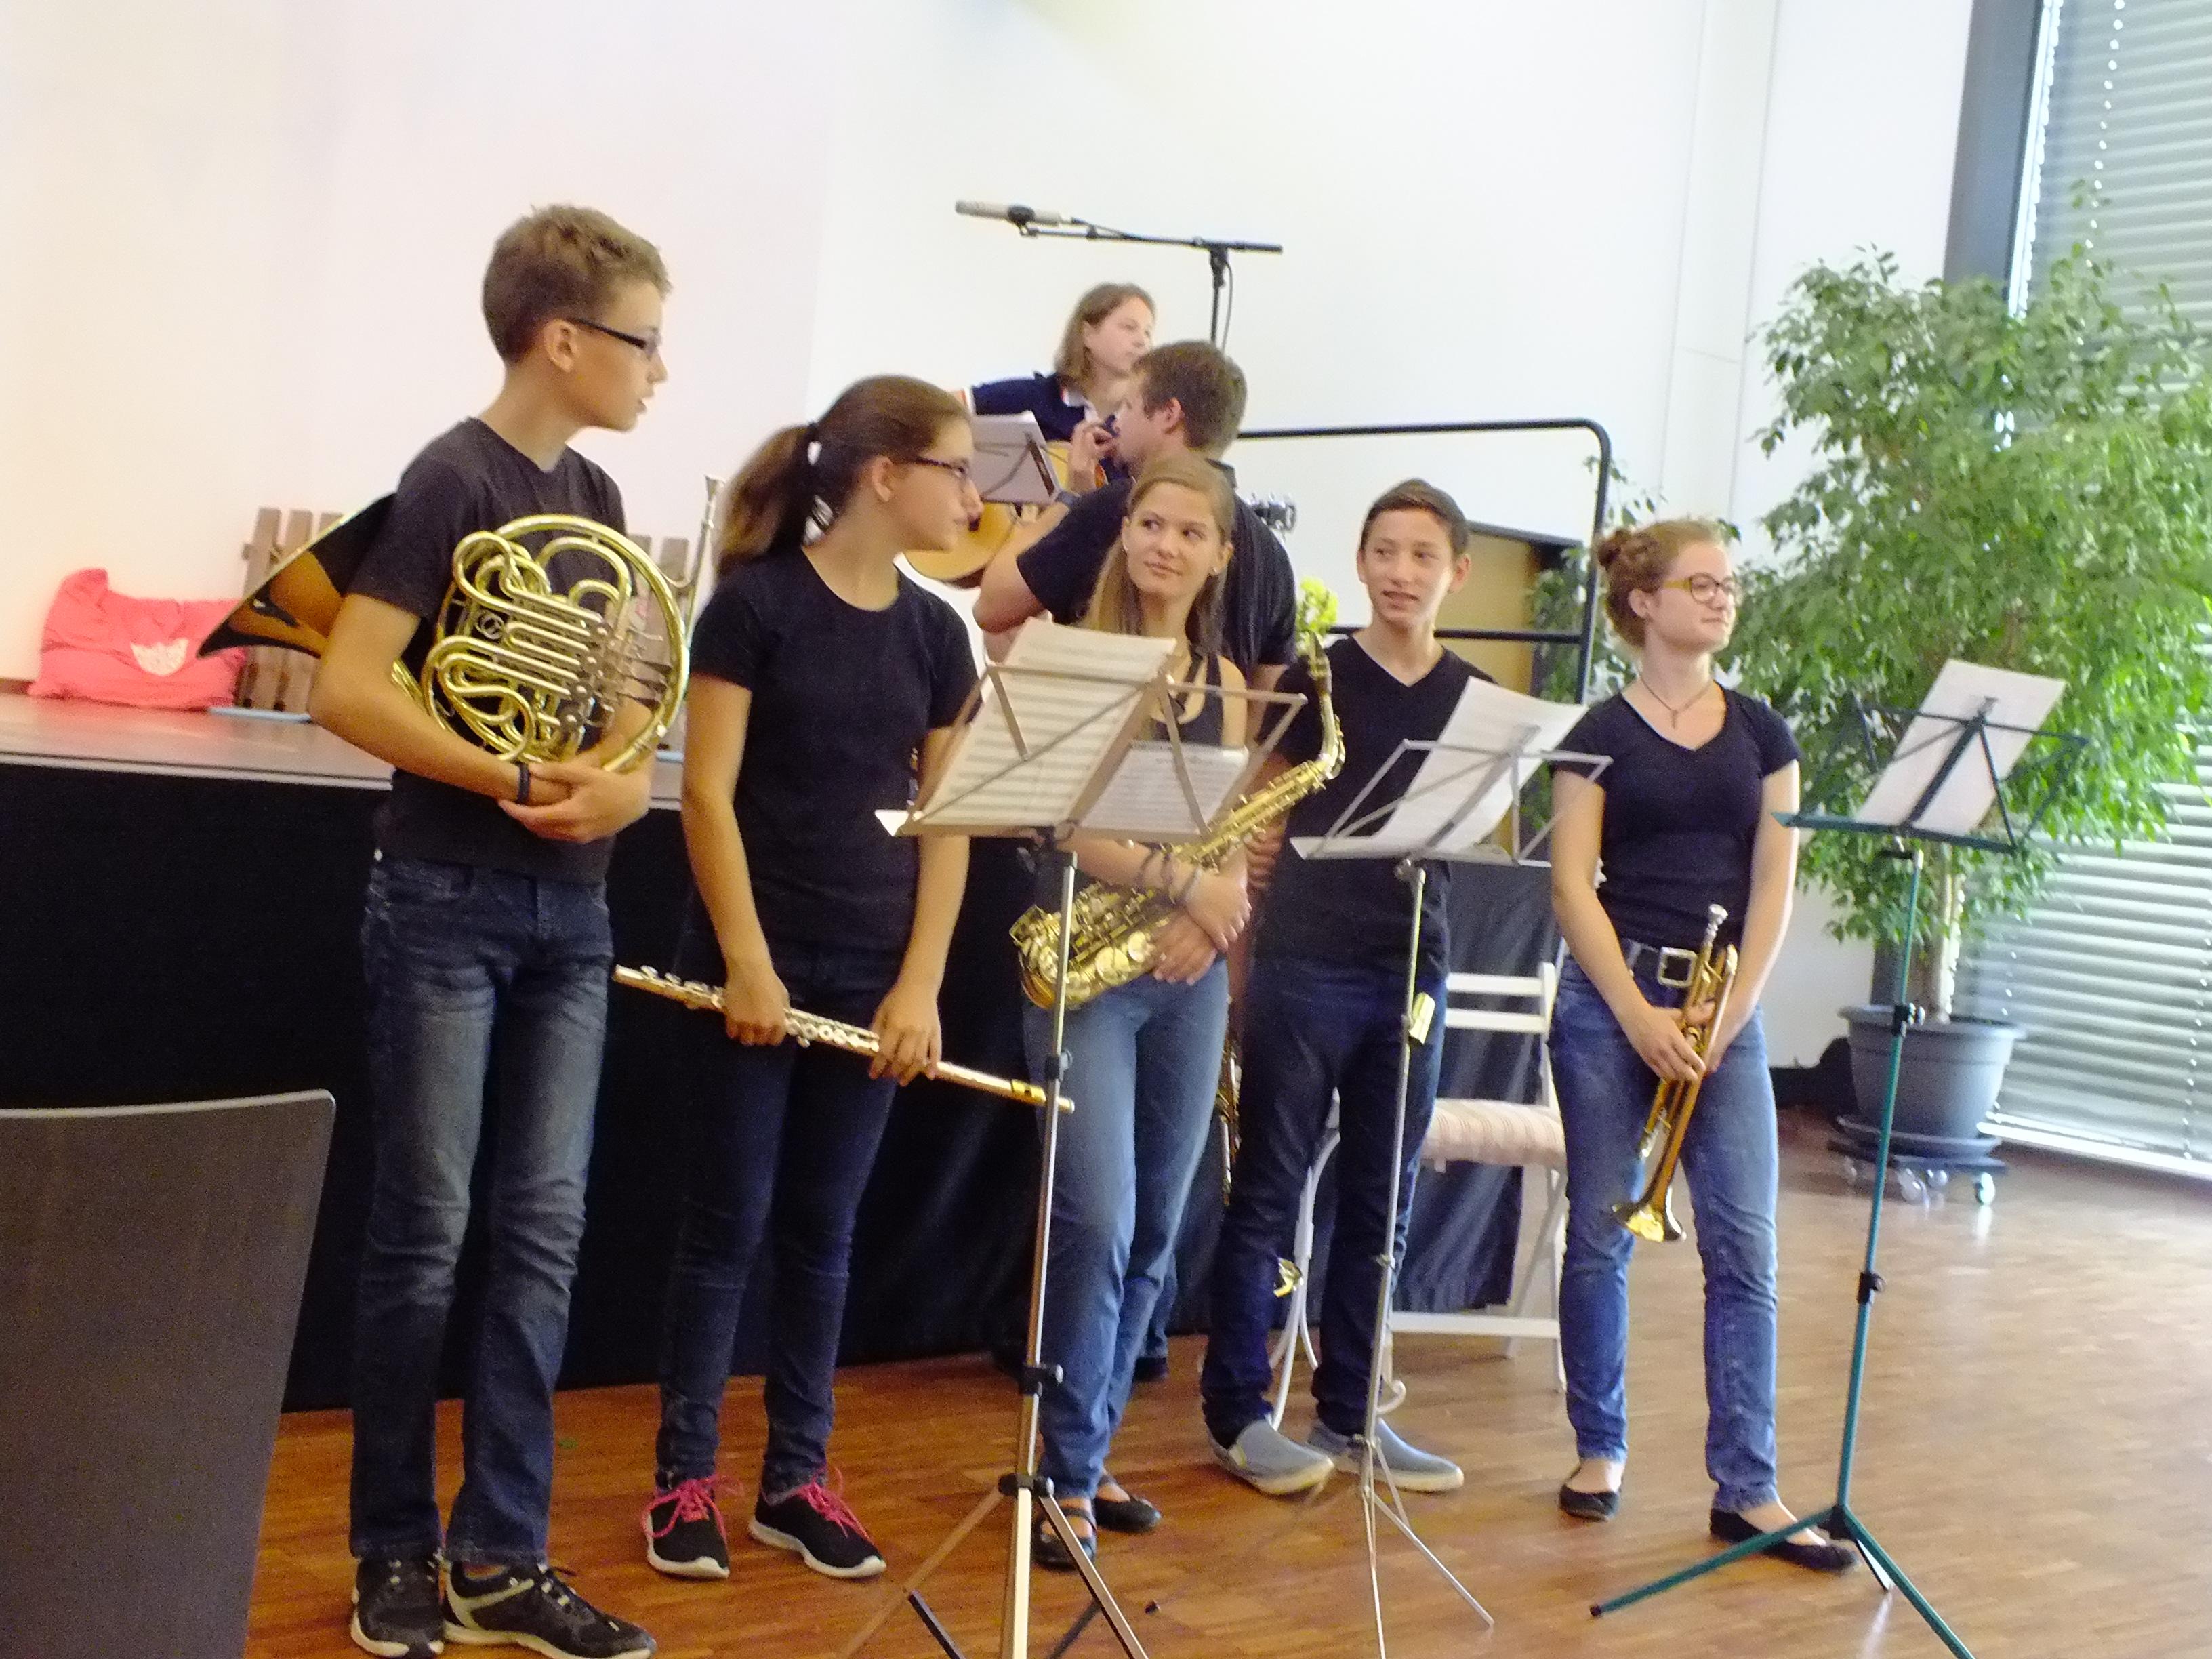 Jungmusiker Vom Musikverein